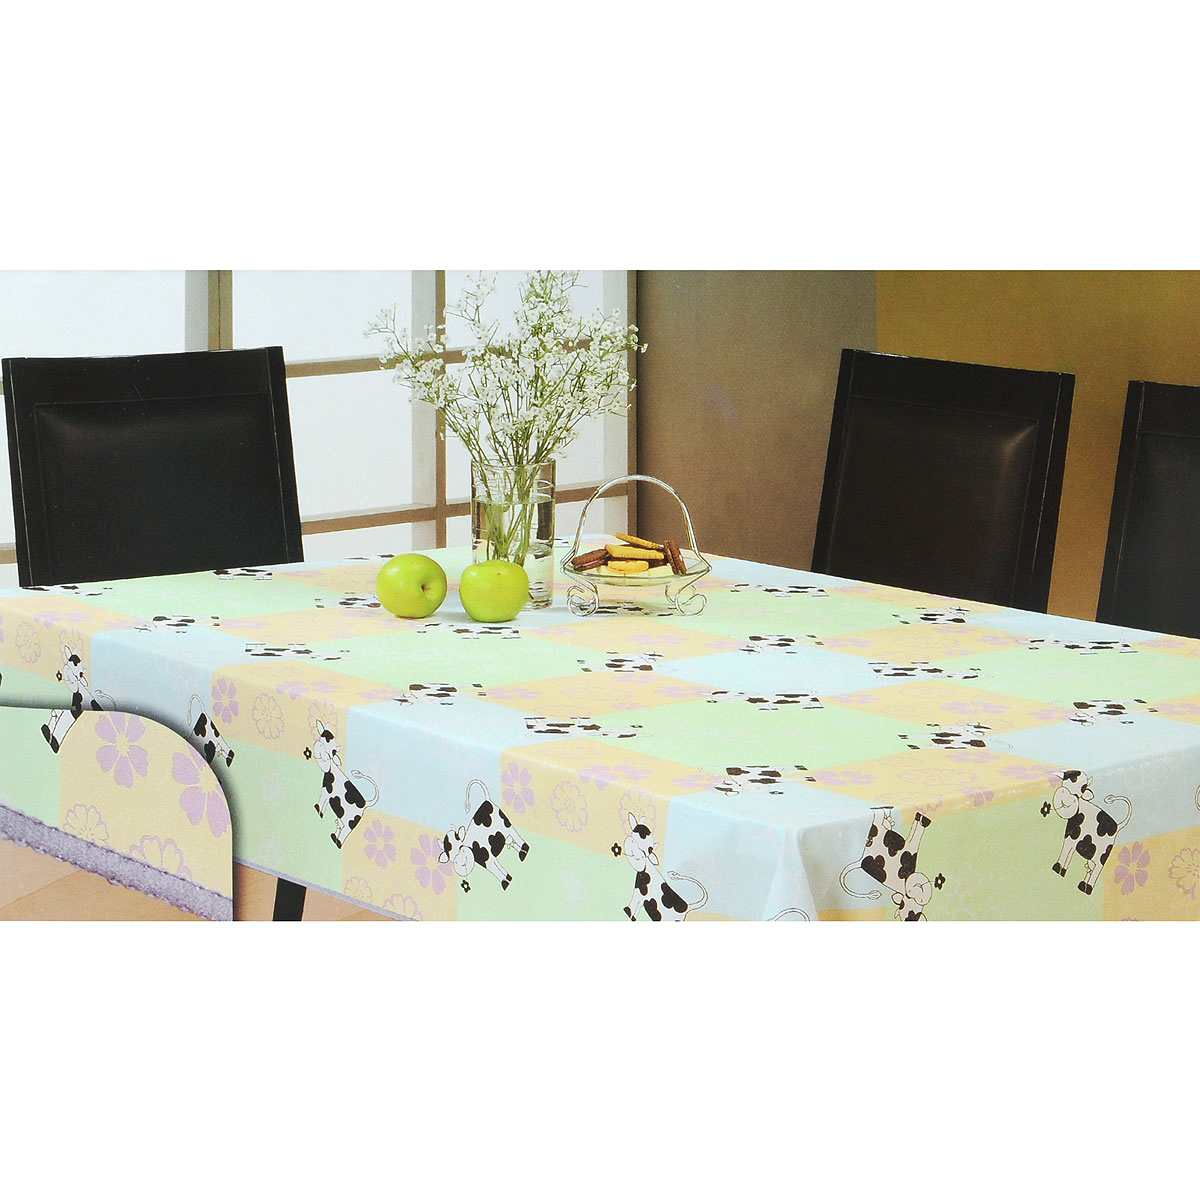 Скатерть White Fox Буренка, круглая, цвет: голубой, светло-зеленый, диаметр 152 см скатерти white fox скатерть party standart пвх с основой из флиса 152 228 см